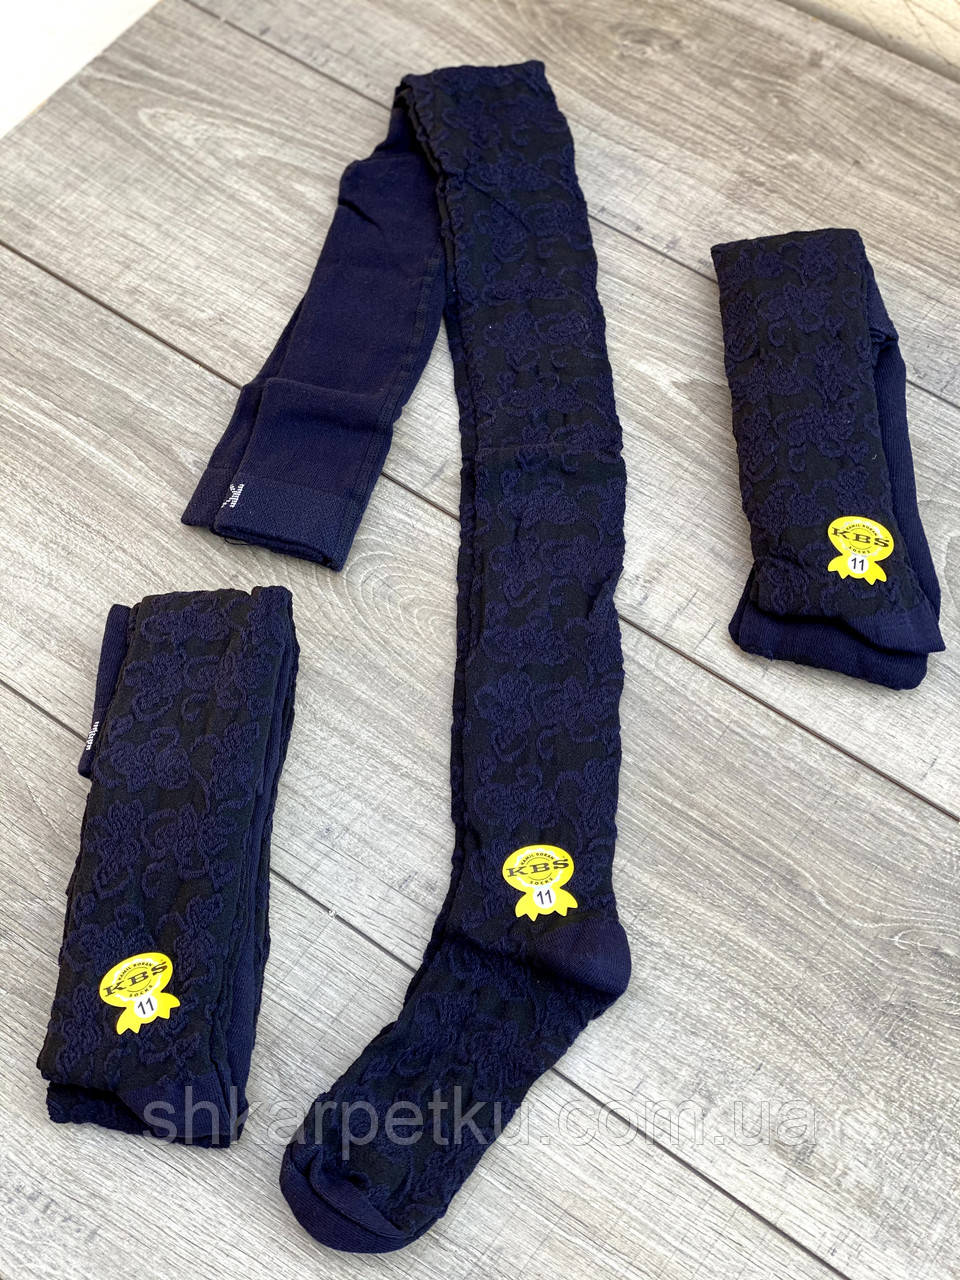 Дитячі підліткові колготки бавовняні KBS ажурні для дівчат 7,9,11 років 6 шт. в уп.чорні з синім візерунком